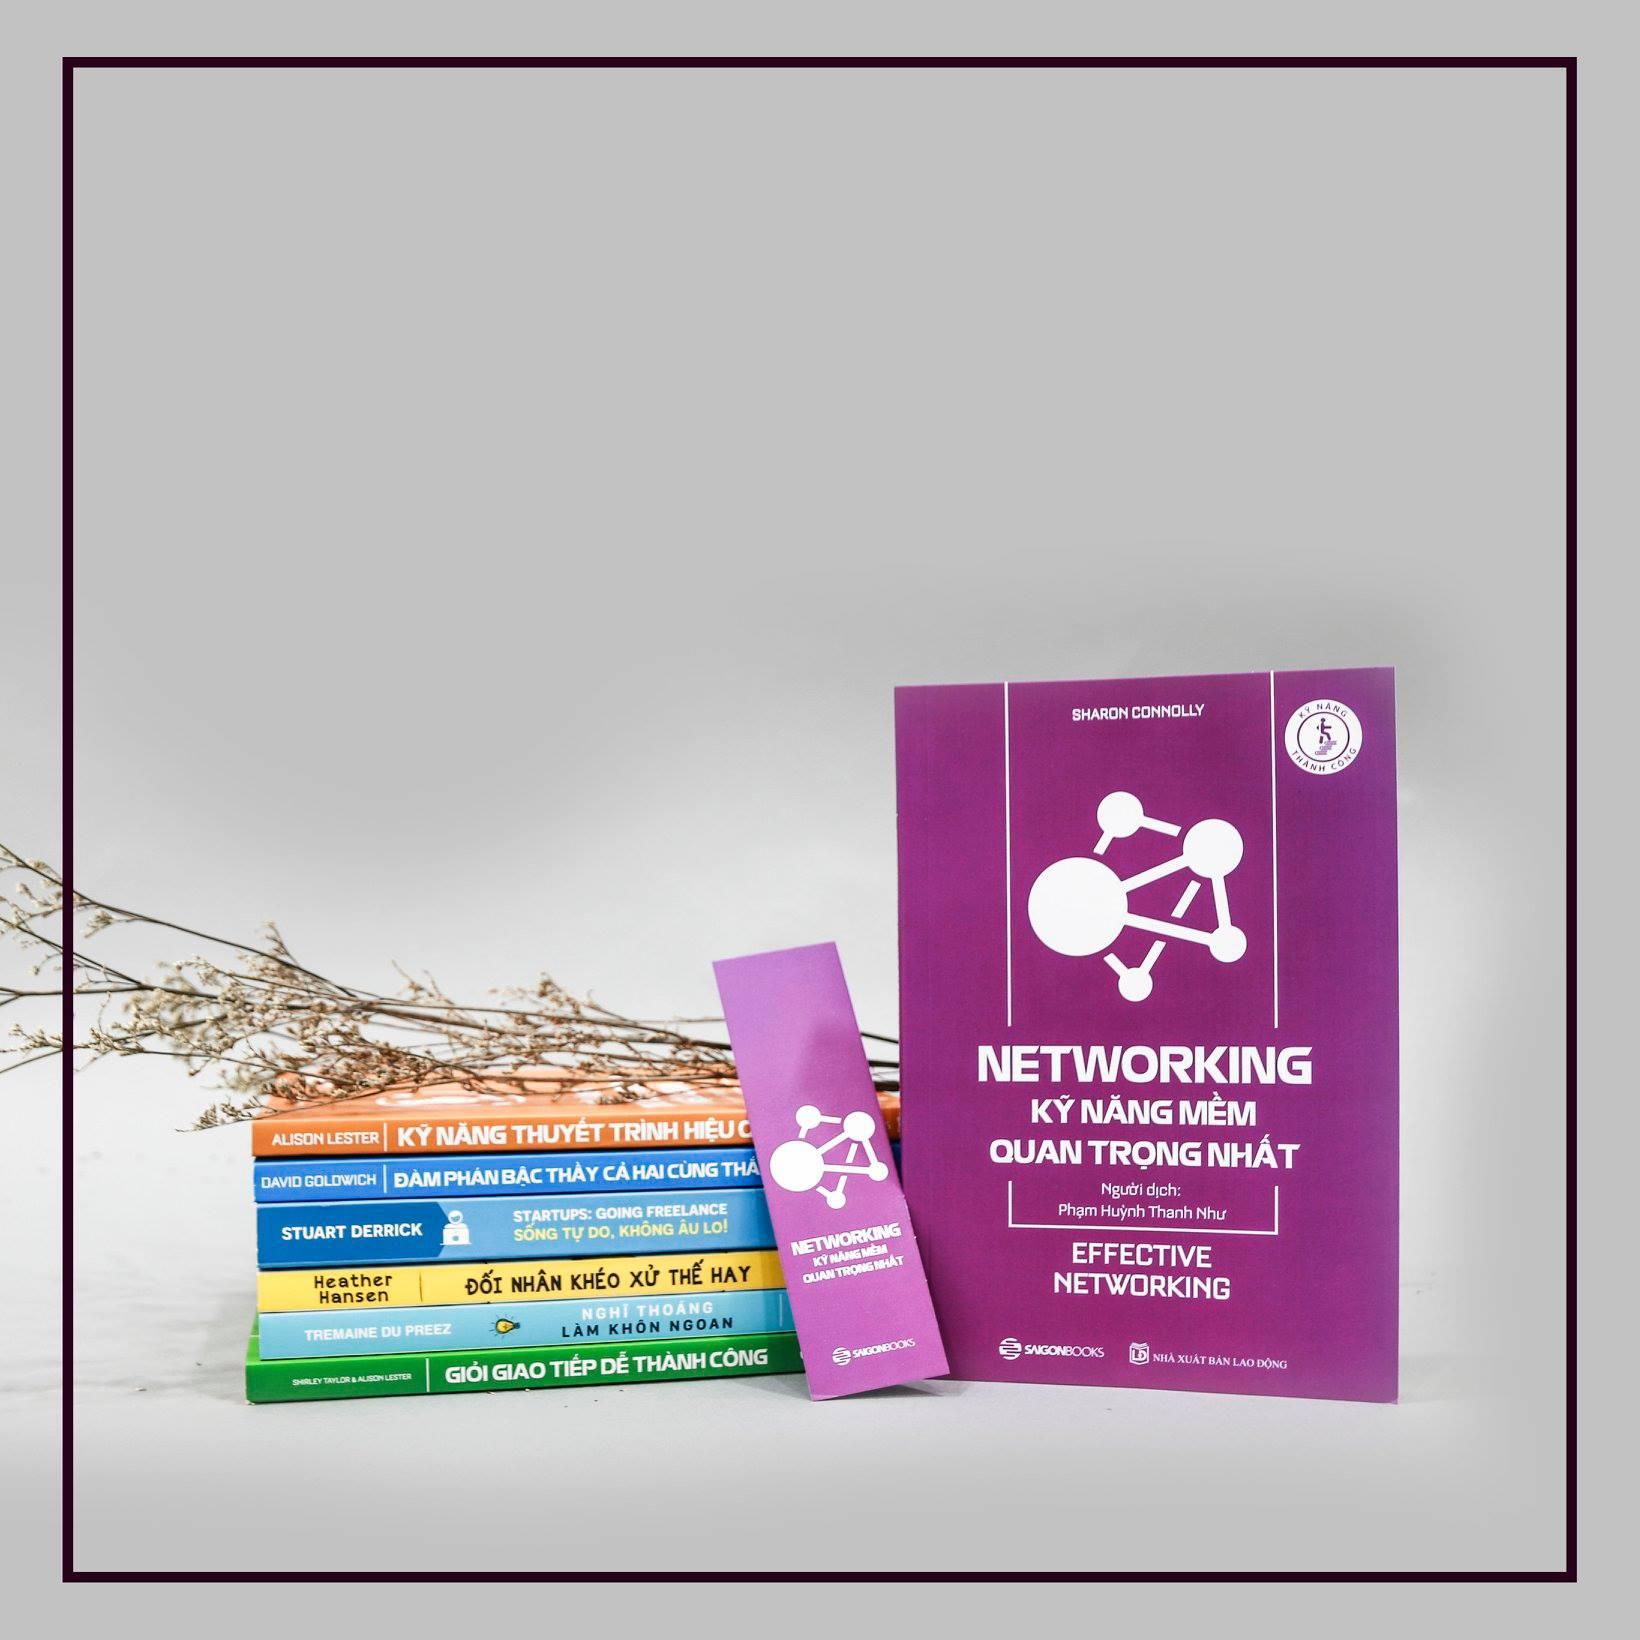 Combo 3 cuốn: Tôi, Tương Lai Và Thế Giới + Networking - Kỹ Năng Mềm Quan Trọng Nhất + Kỹ Năng Thuyết Trình Hiệu Quả